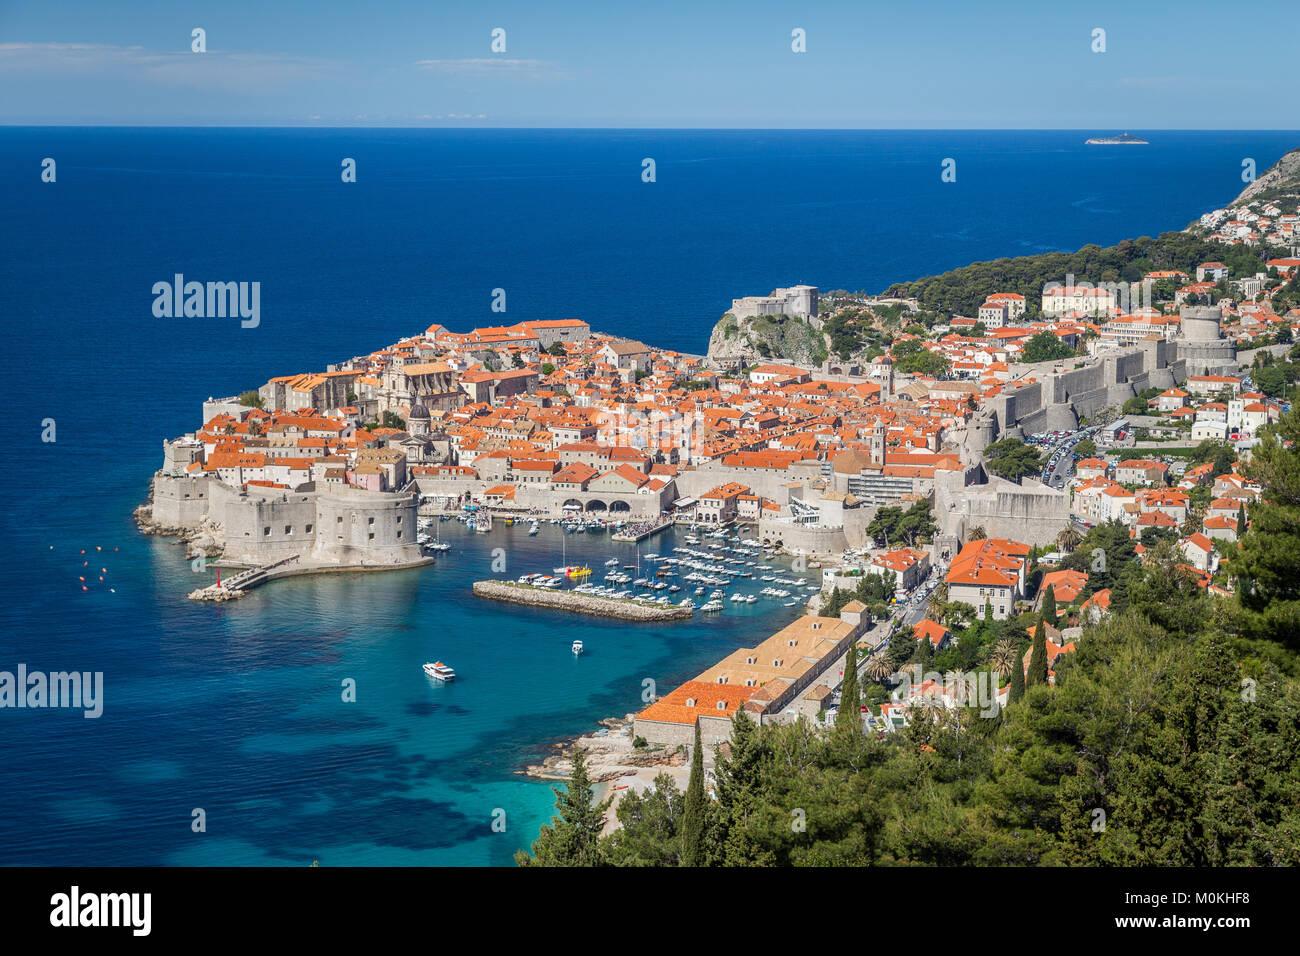 Vista panorámica del centro histórico de la ciudad de Dubrovnik, uno de los destinos turísticos más Imagen De Stock